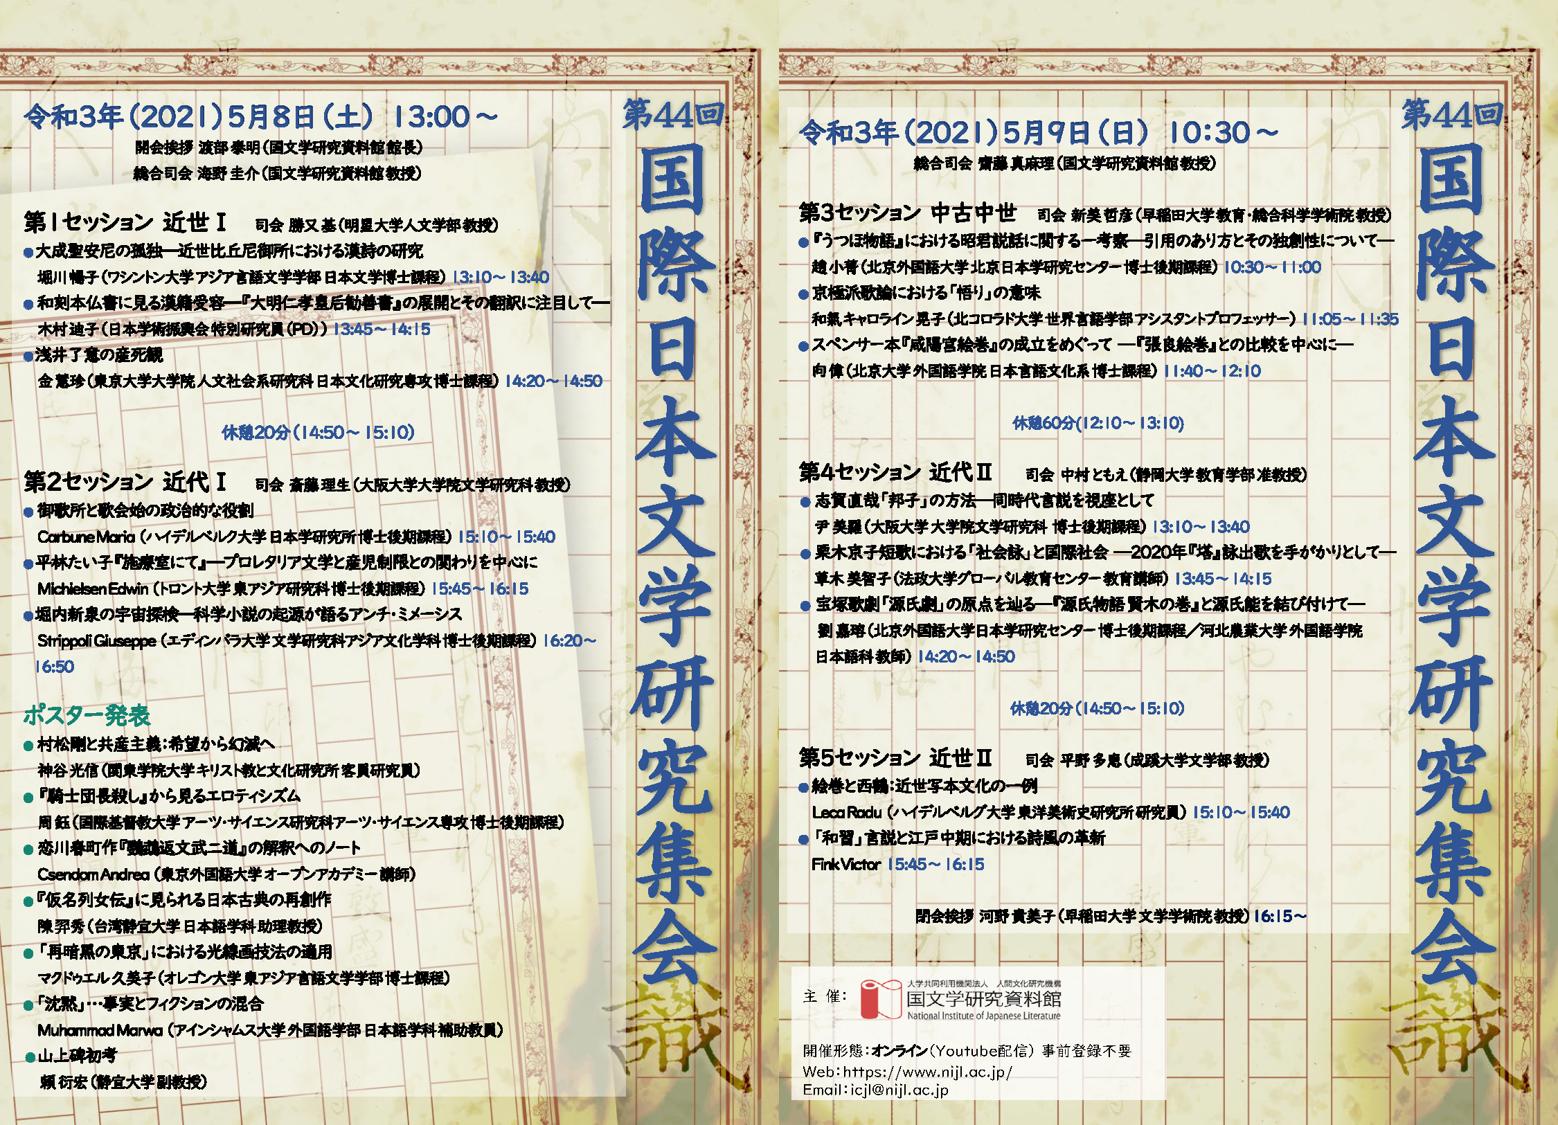 kokusai_44_poster_0419.png